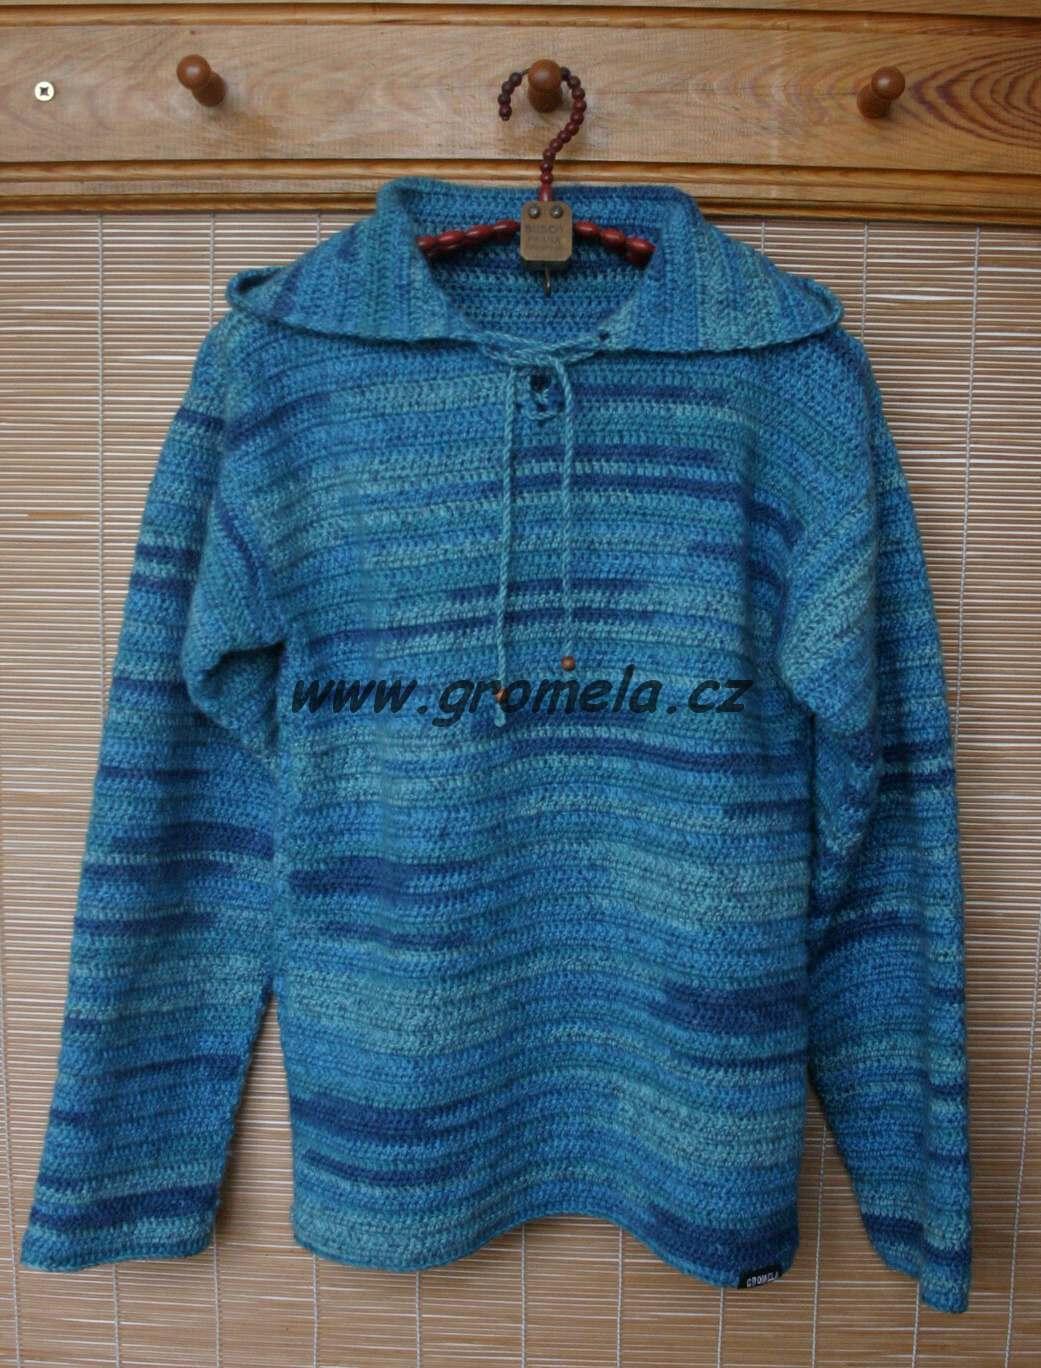 Háčkovaný svetr (75% vlna superwash 3a79683c25